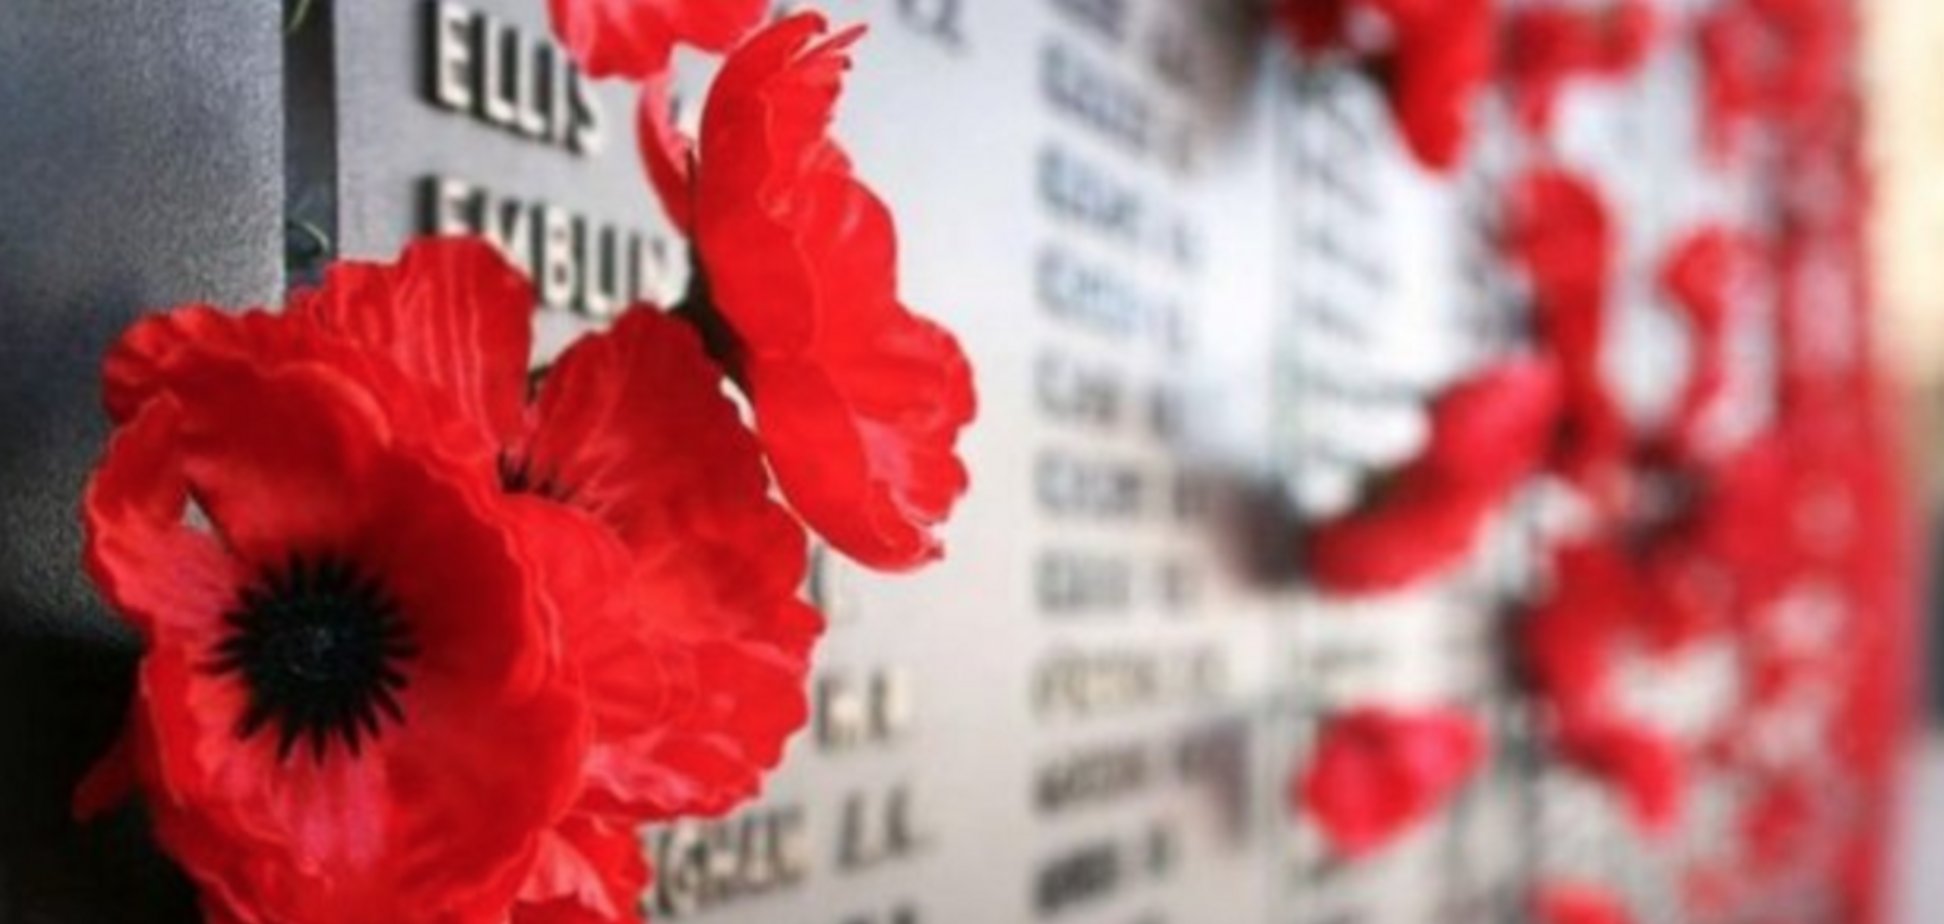 В Україні 8 травня відзначають День пам'яті та примирення: що це за дата